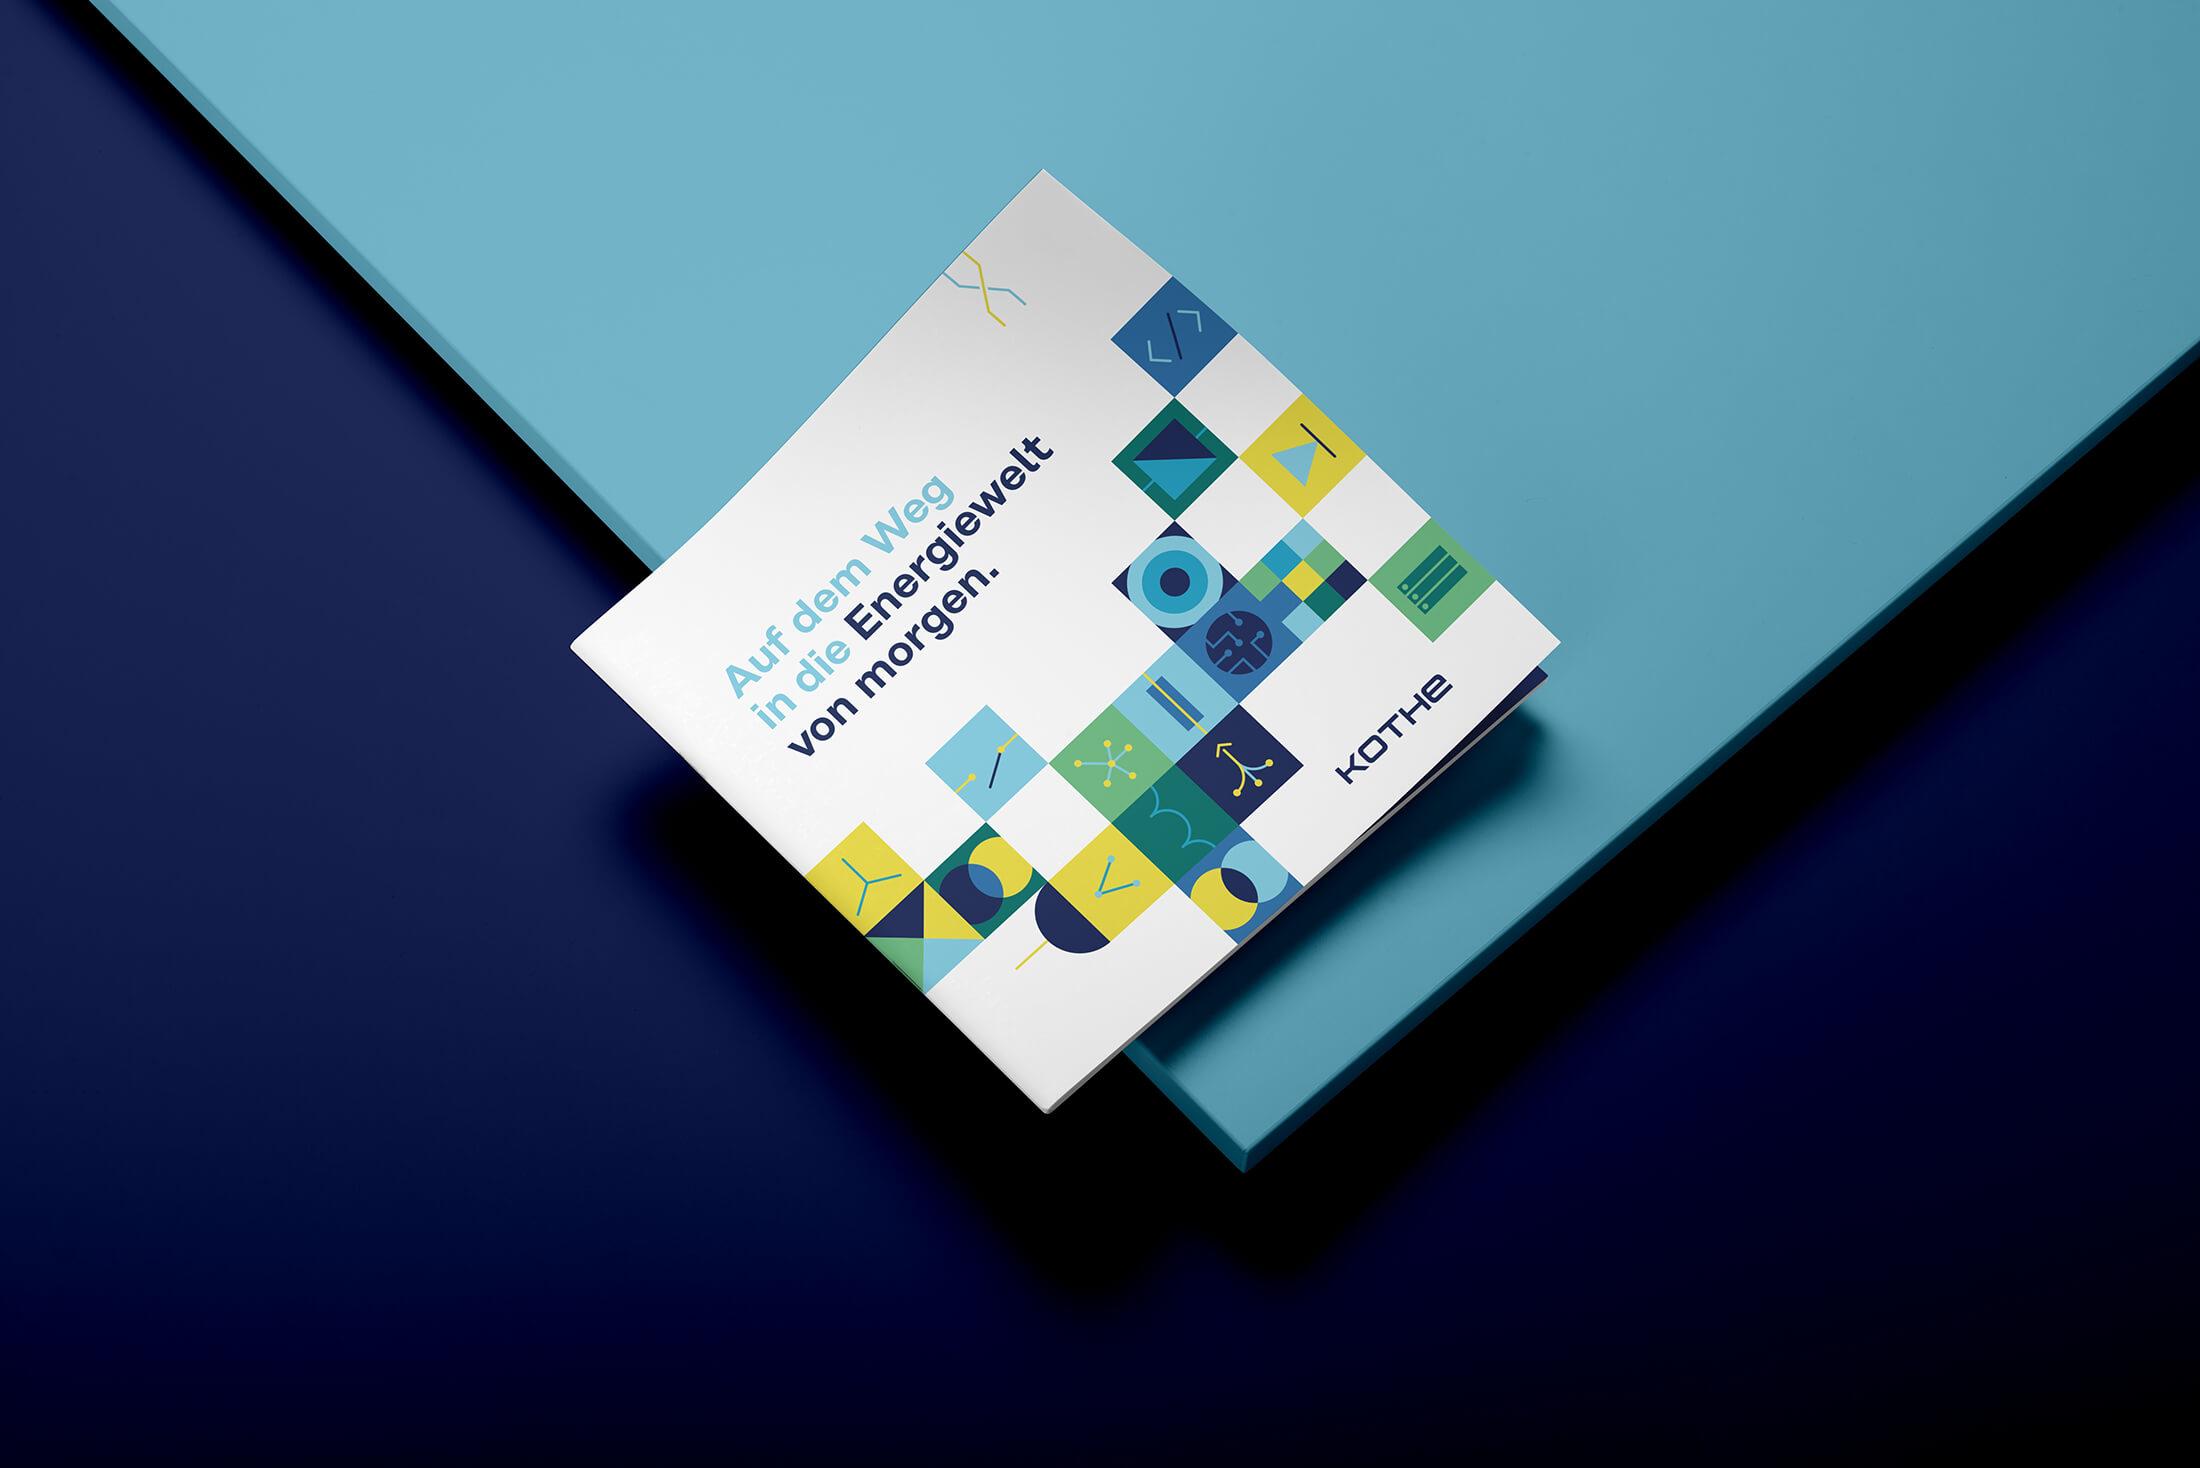 Broschüre im neuen Design